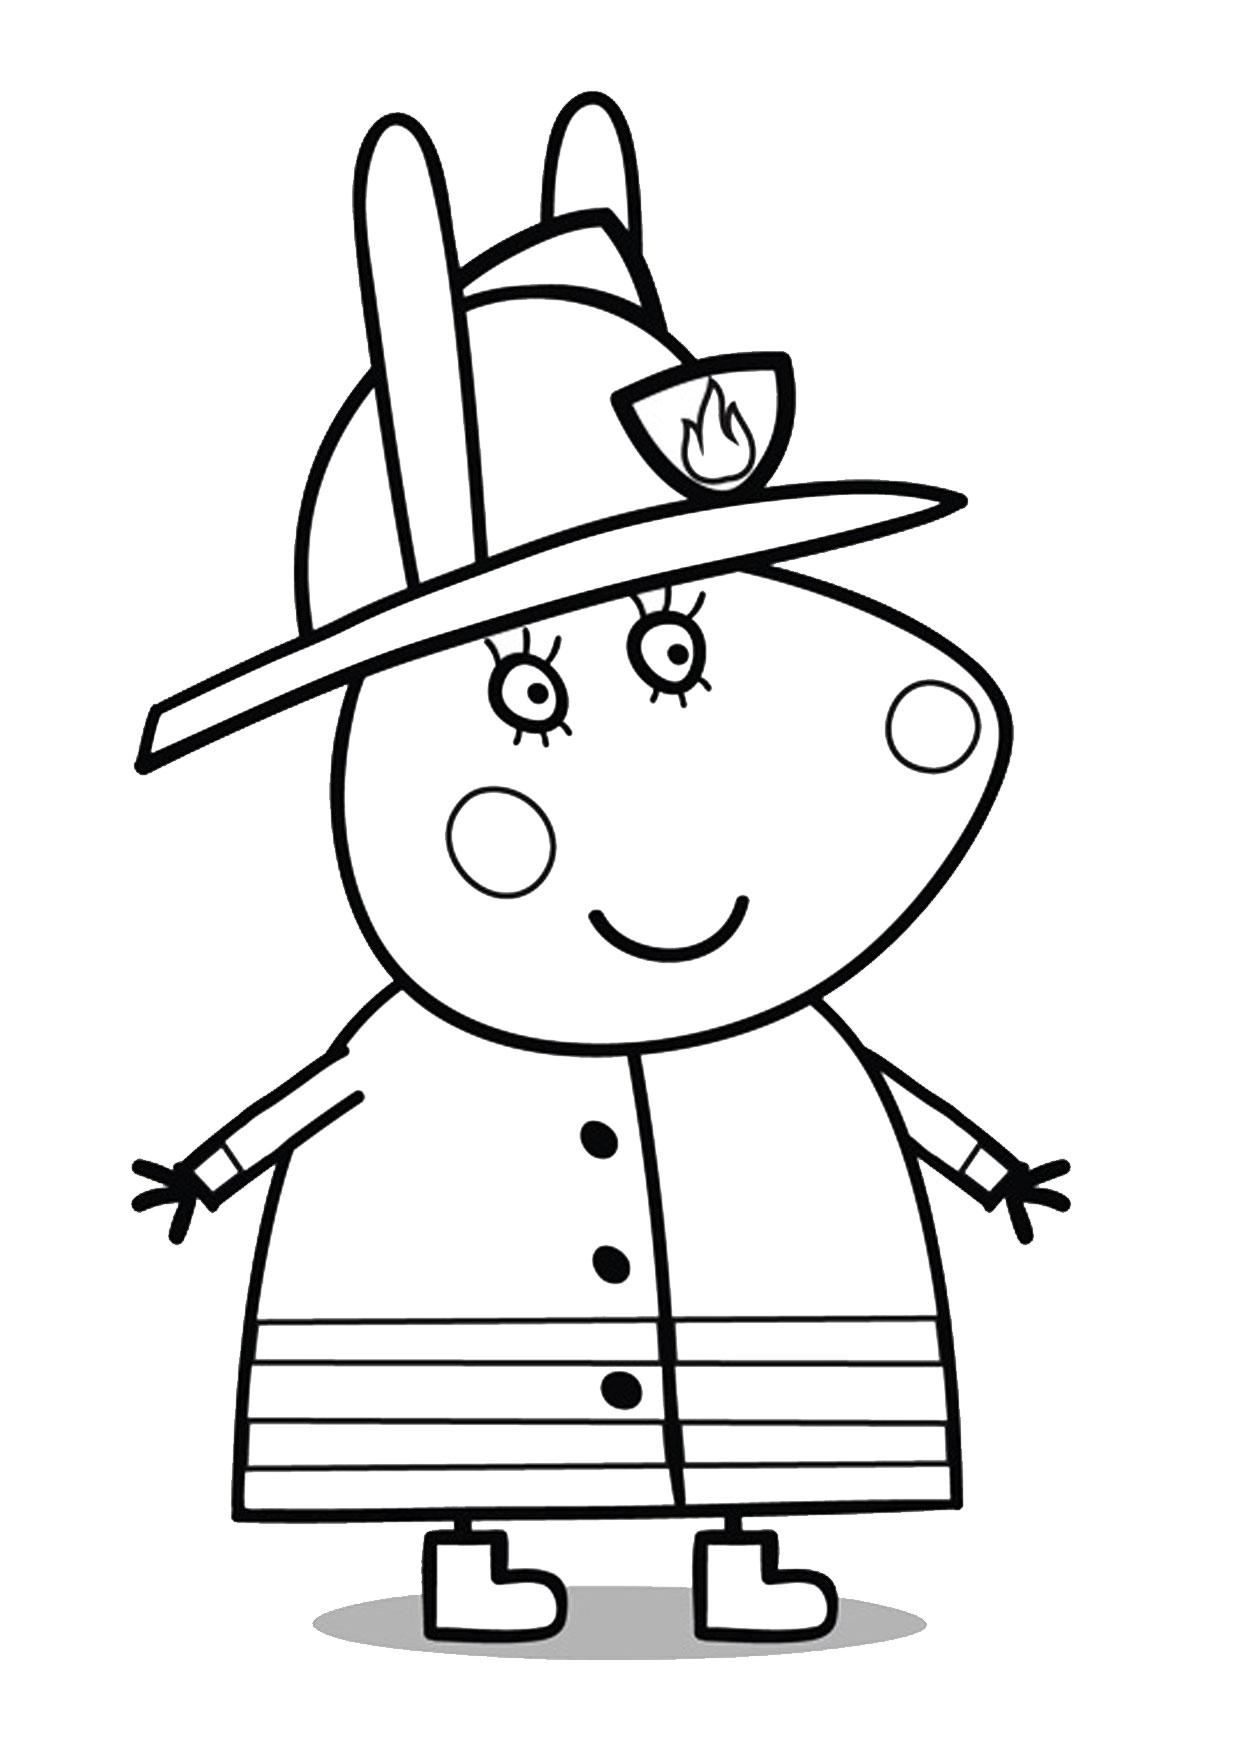 Disegno Peppa Pig da colorare 50